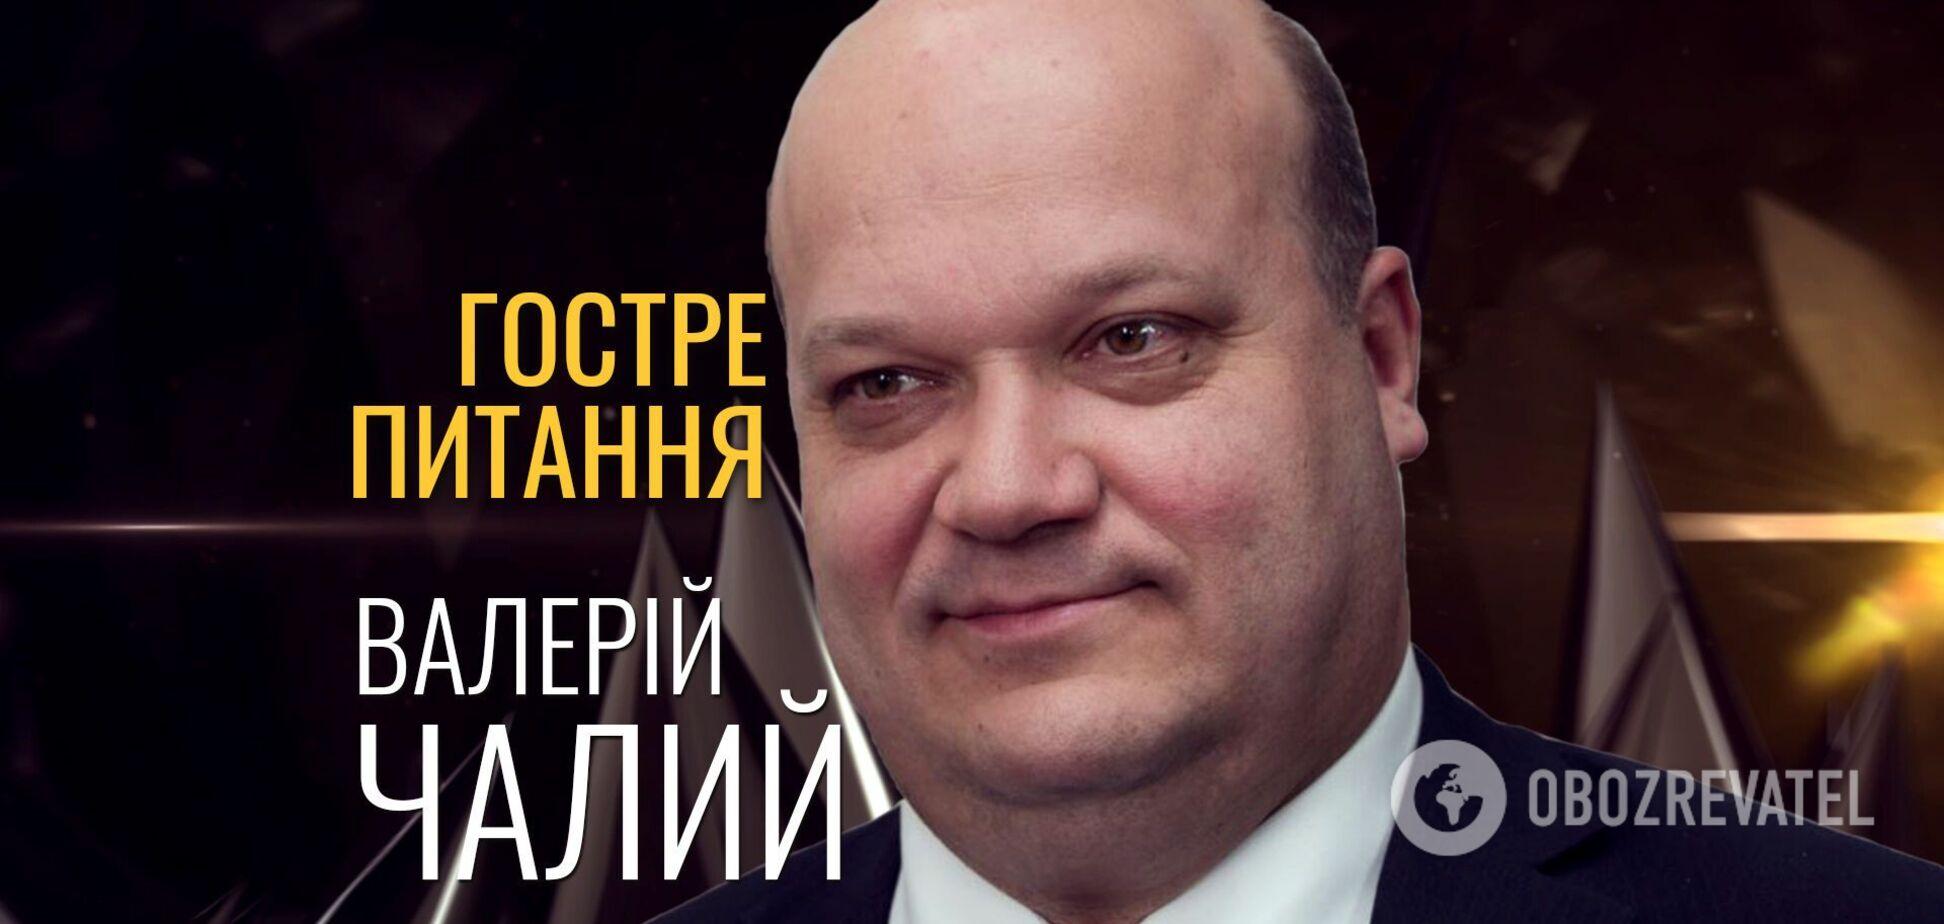 Валерій Чалий | Гостре питання